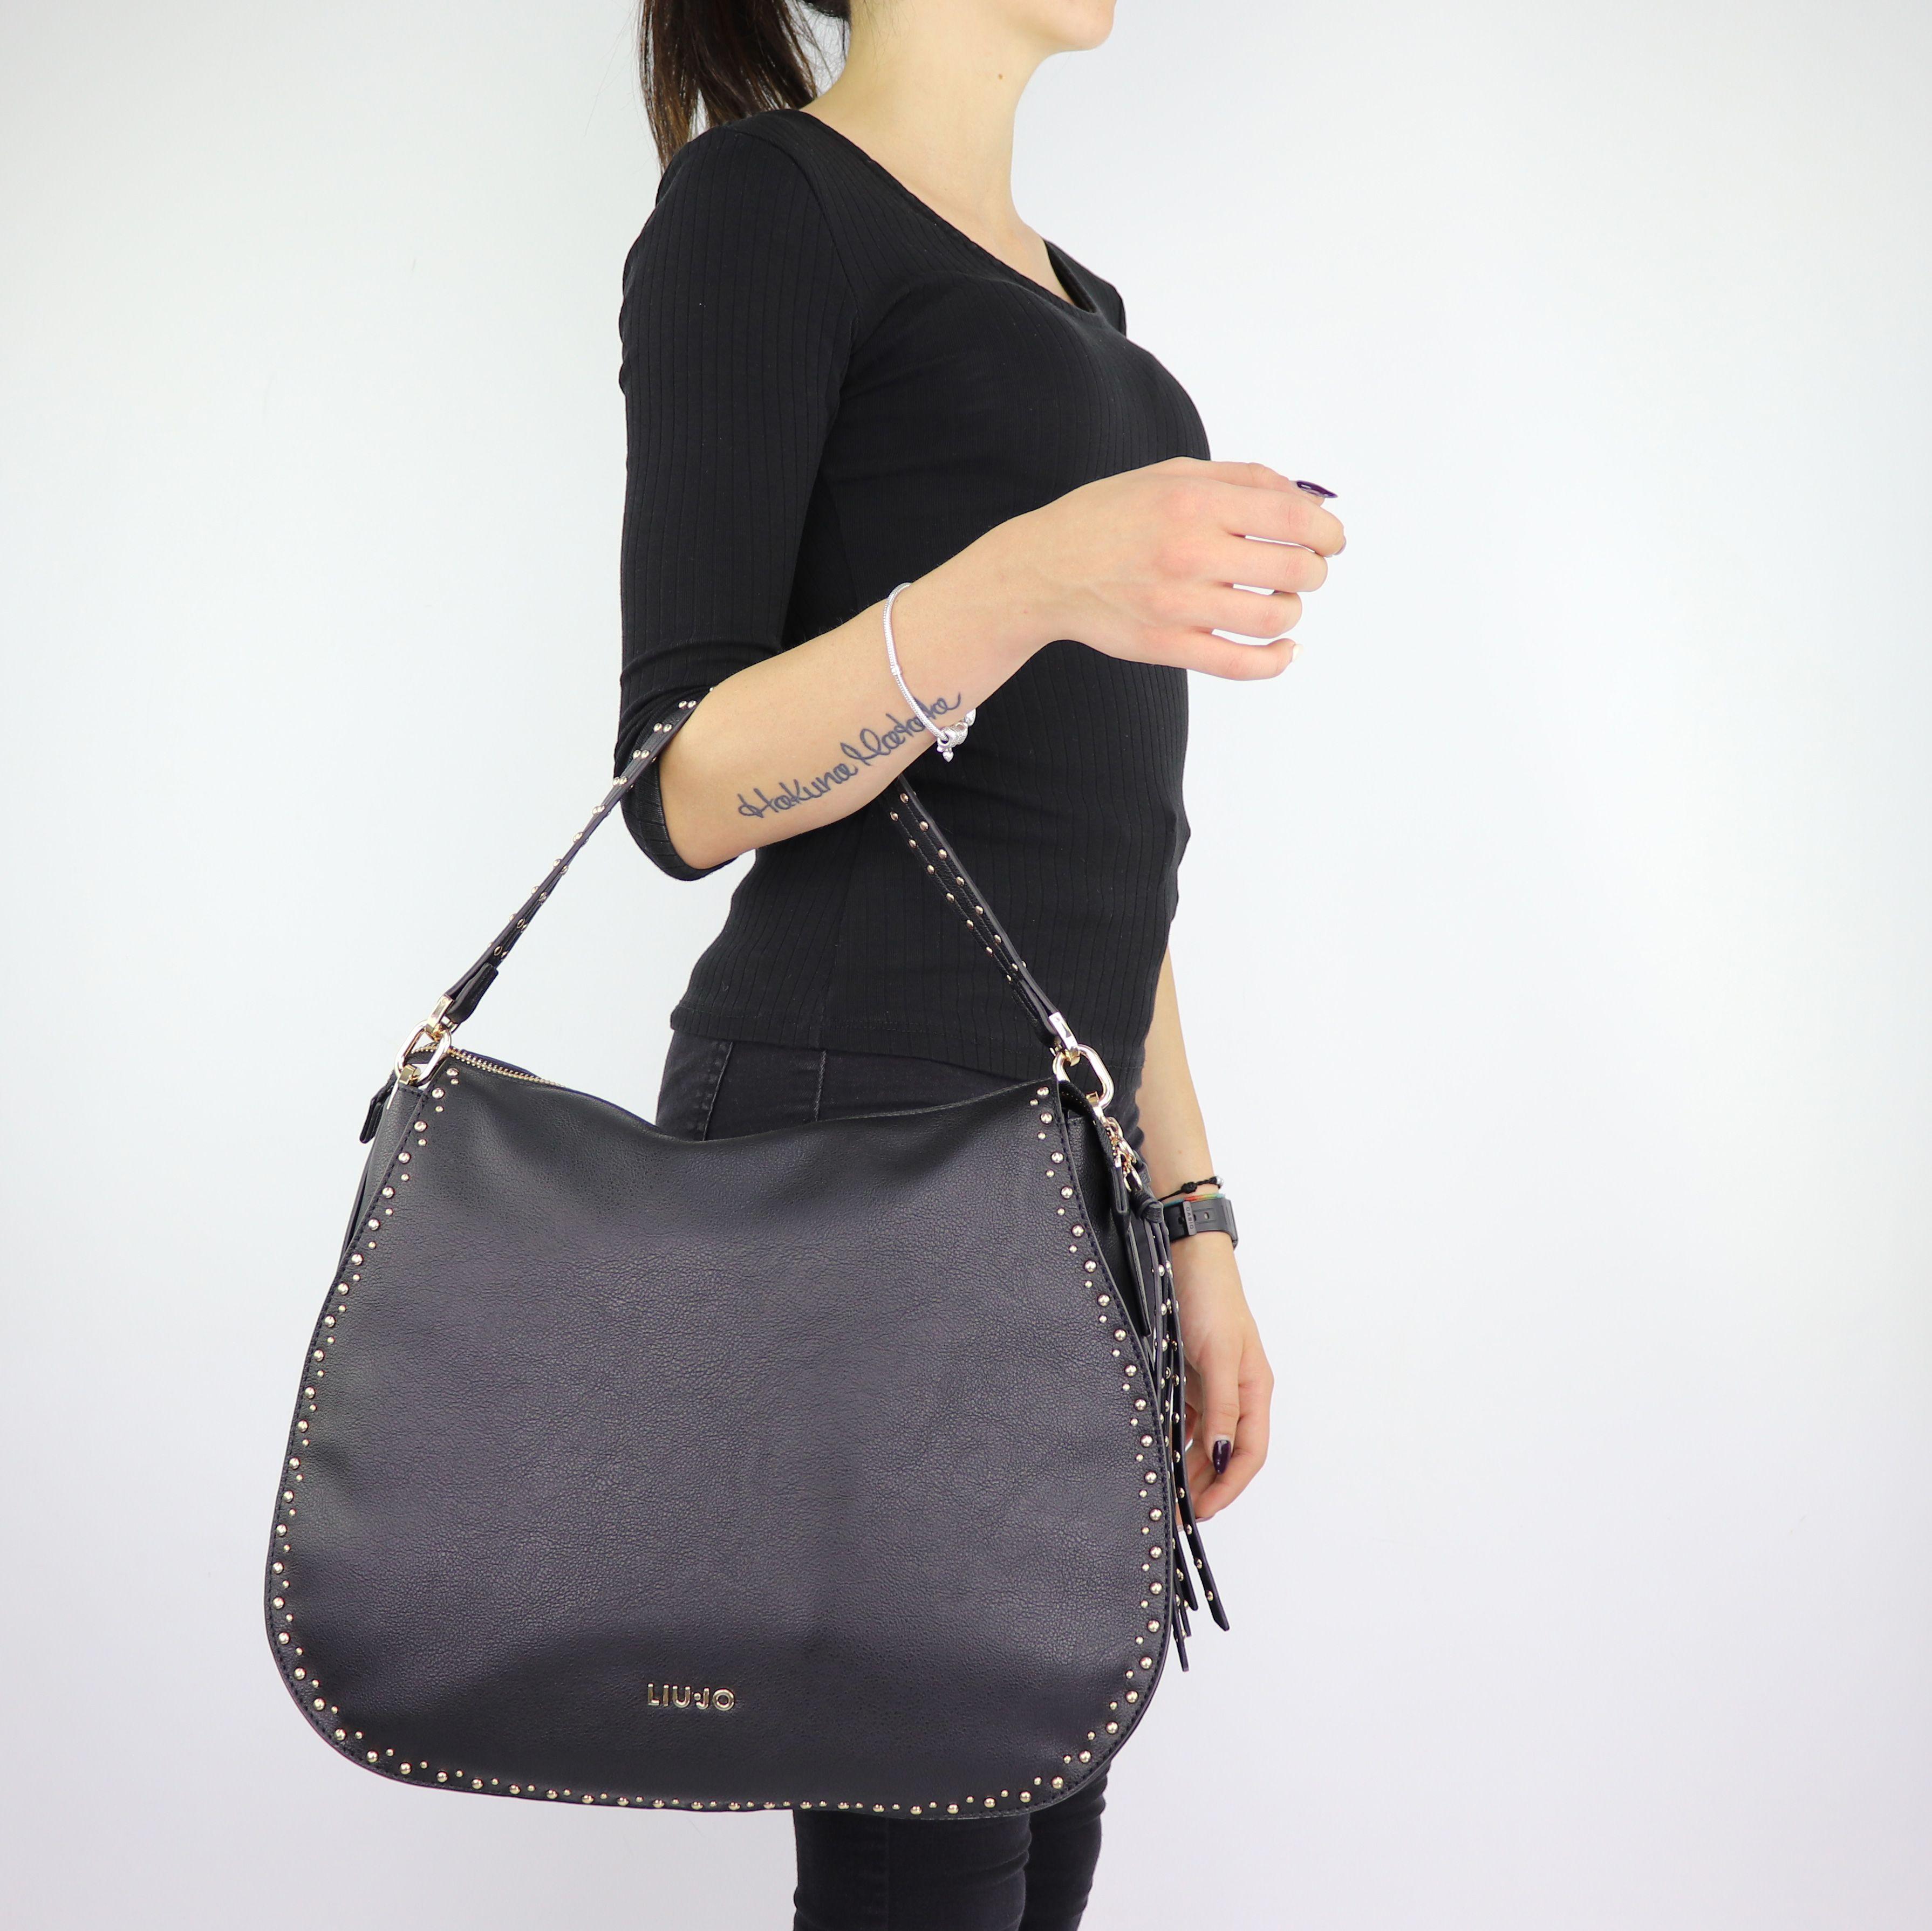 Shoulder bag Liu Jo Hobo Joy black size L A68051 E0033 - In More Est ... ac958de04ba